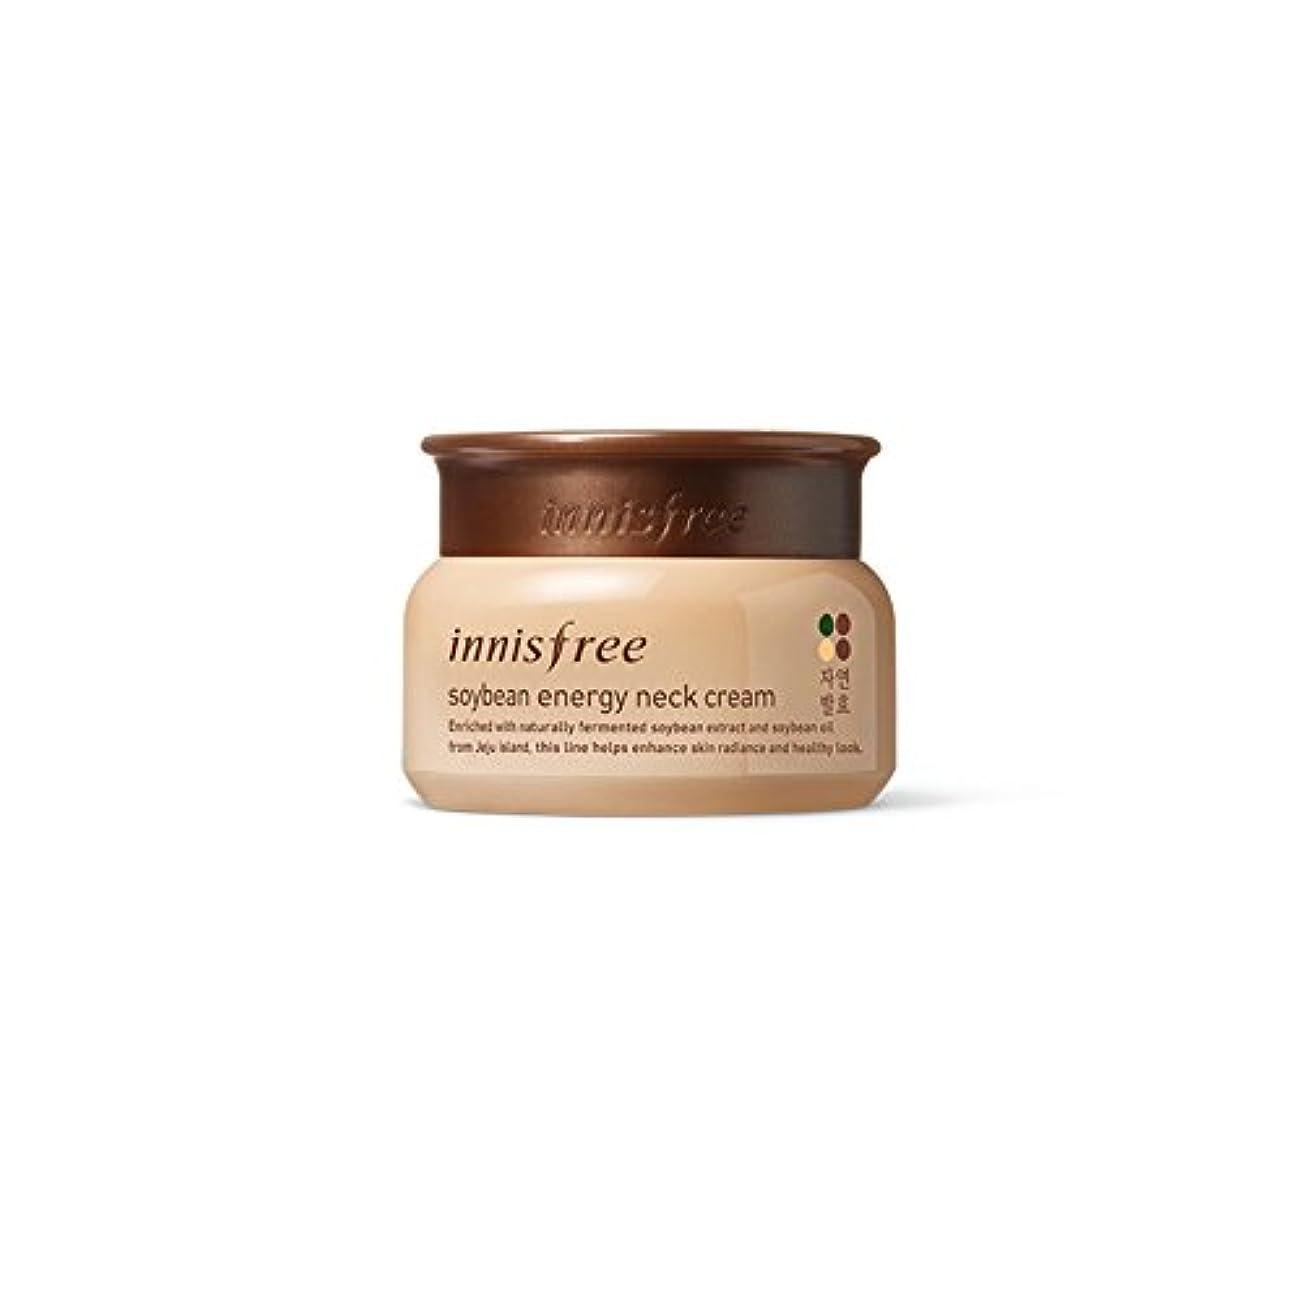 デザートエール味方[イニスフリー] Innisfree 発酵大豆エネジネッククリーム (80ml) Innisfree Soy Bean Energy Neck Cream (80ml) [海外直送品]